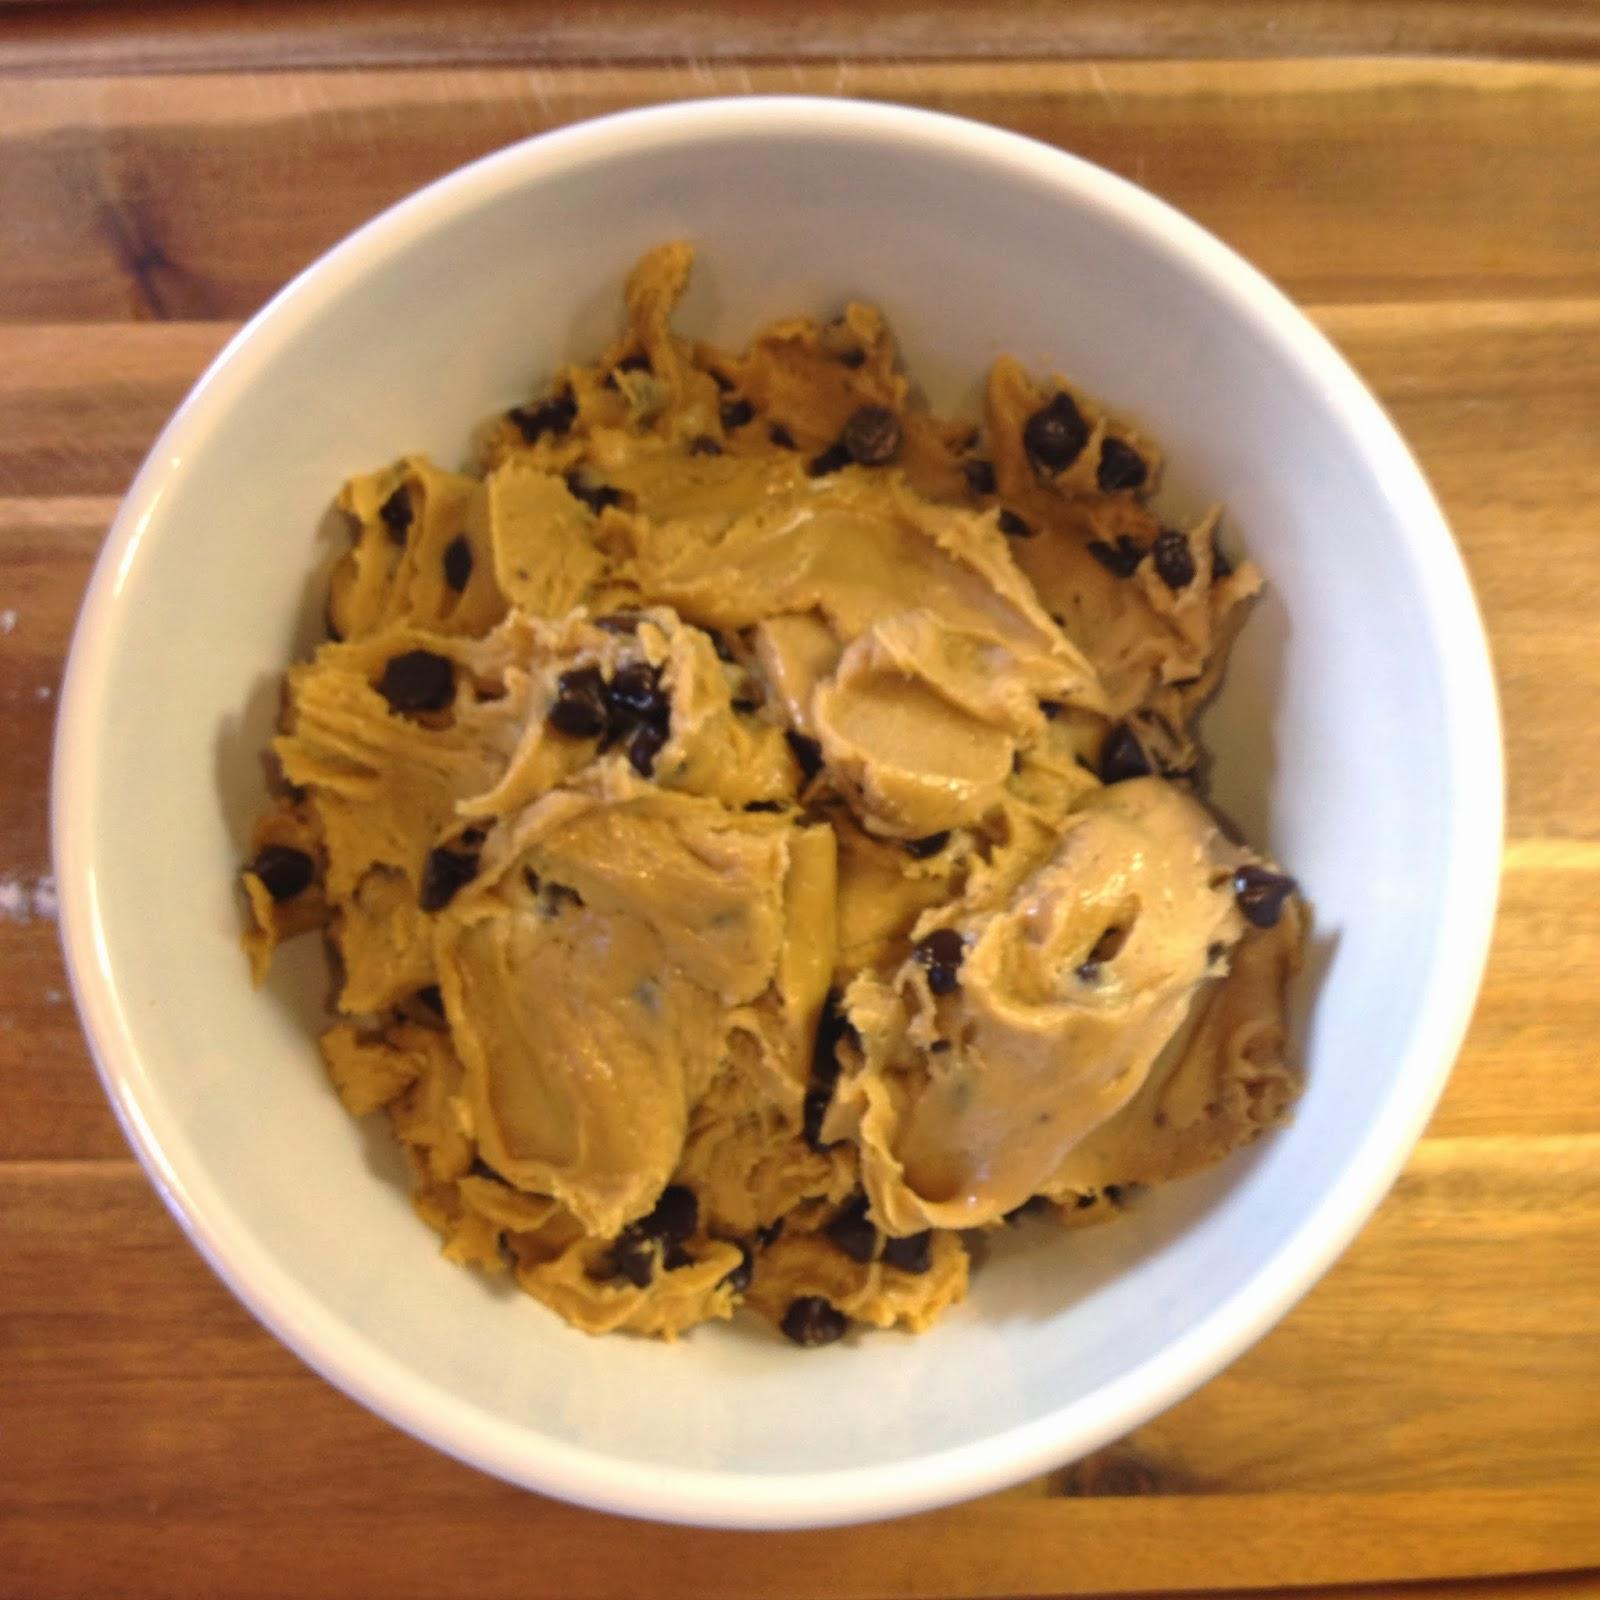 la mejor receta de galletas de chispas de chocolate suavecitas